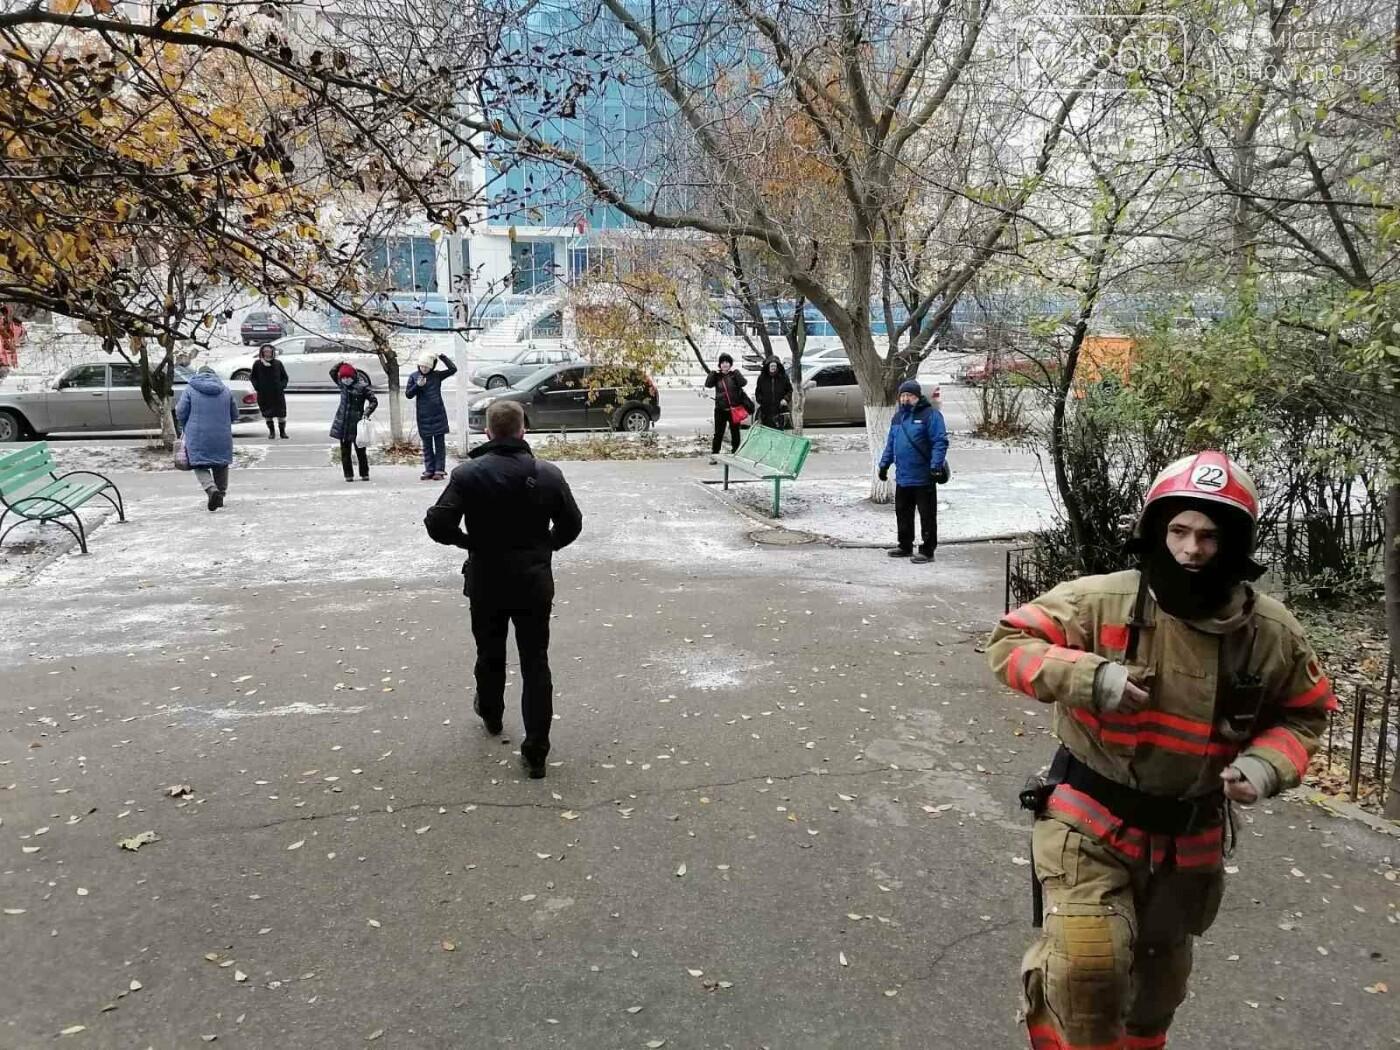 Жильцов одного из домов в Черноморске эвакуировали из-за угрозы взрыва, фото-1